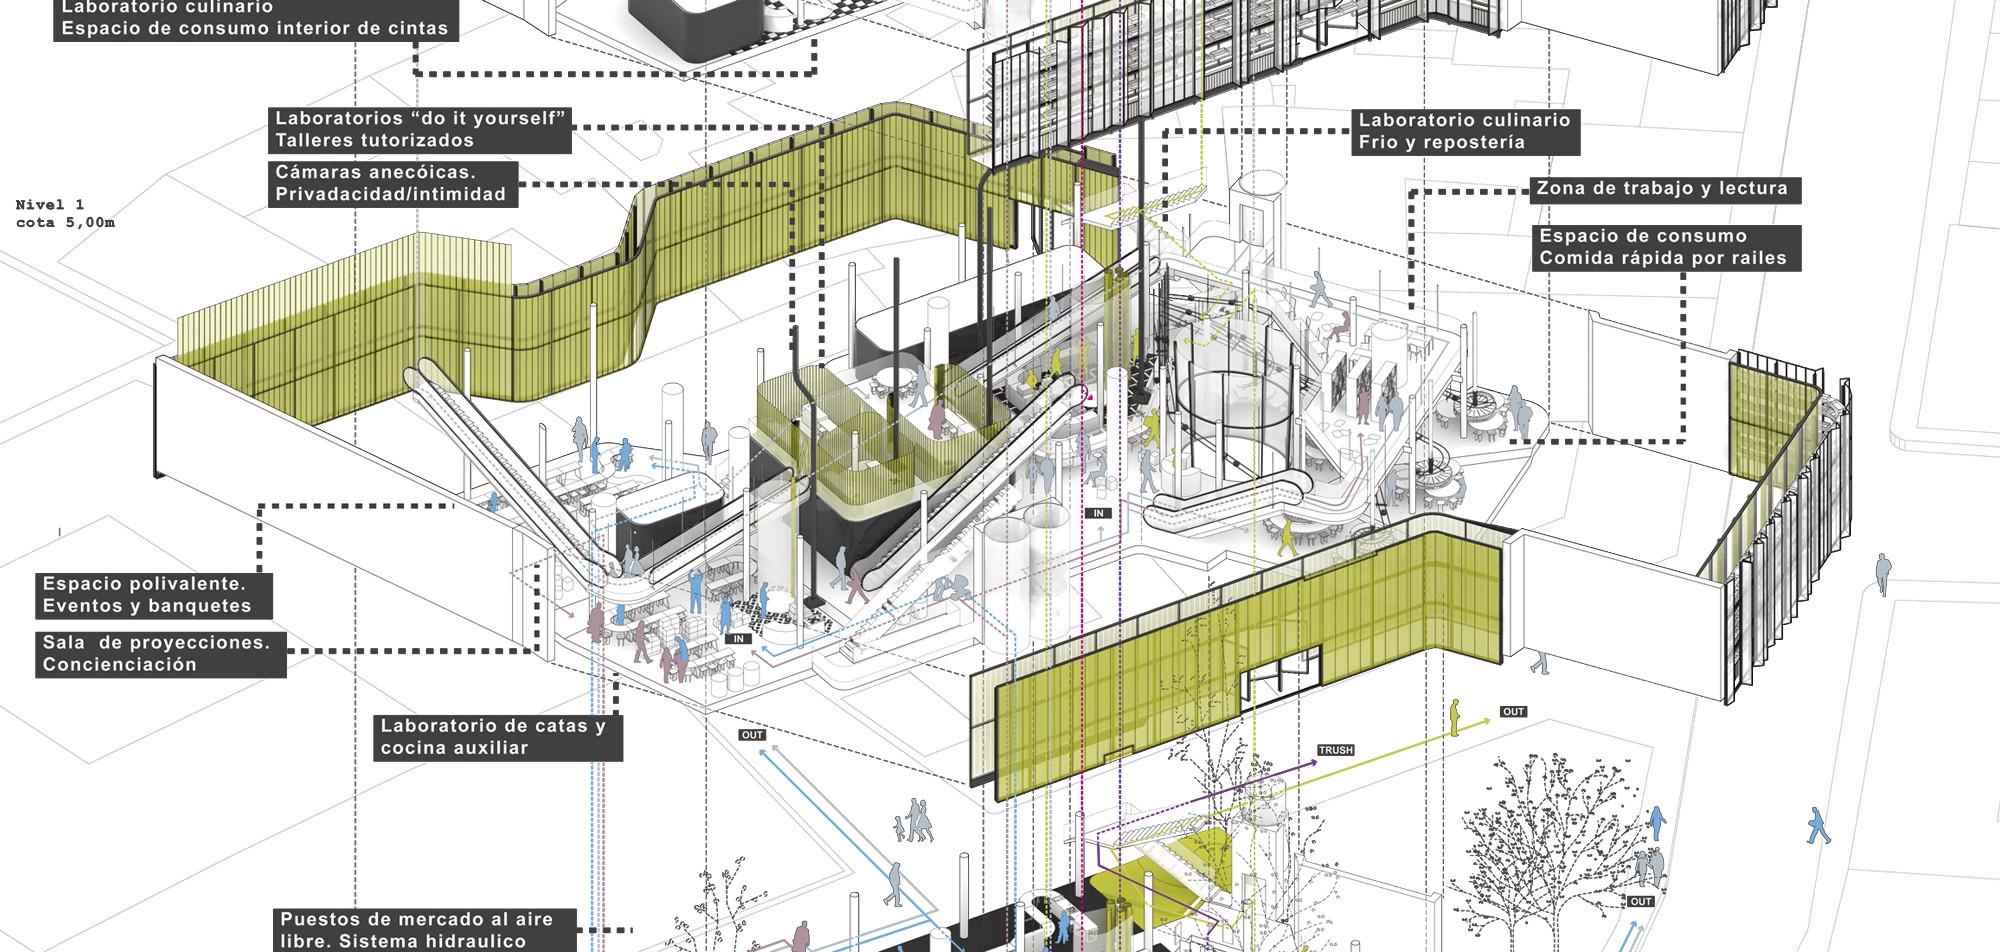 Galer a de 1 expo talleralcubo exposici n itinerante de for Sitios web de arquitectura